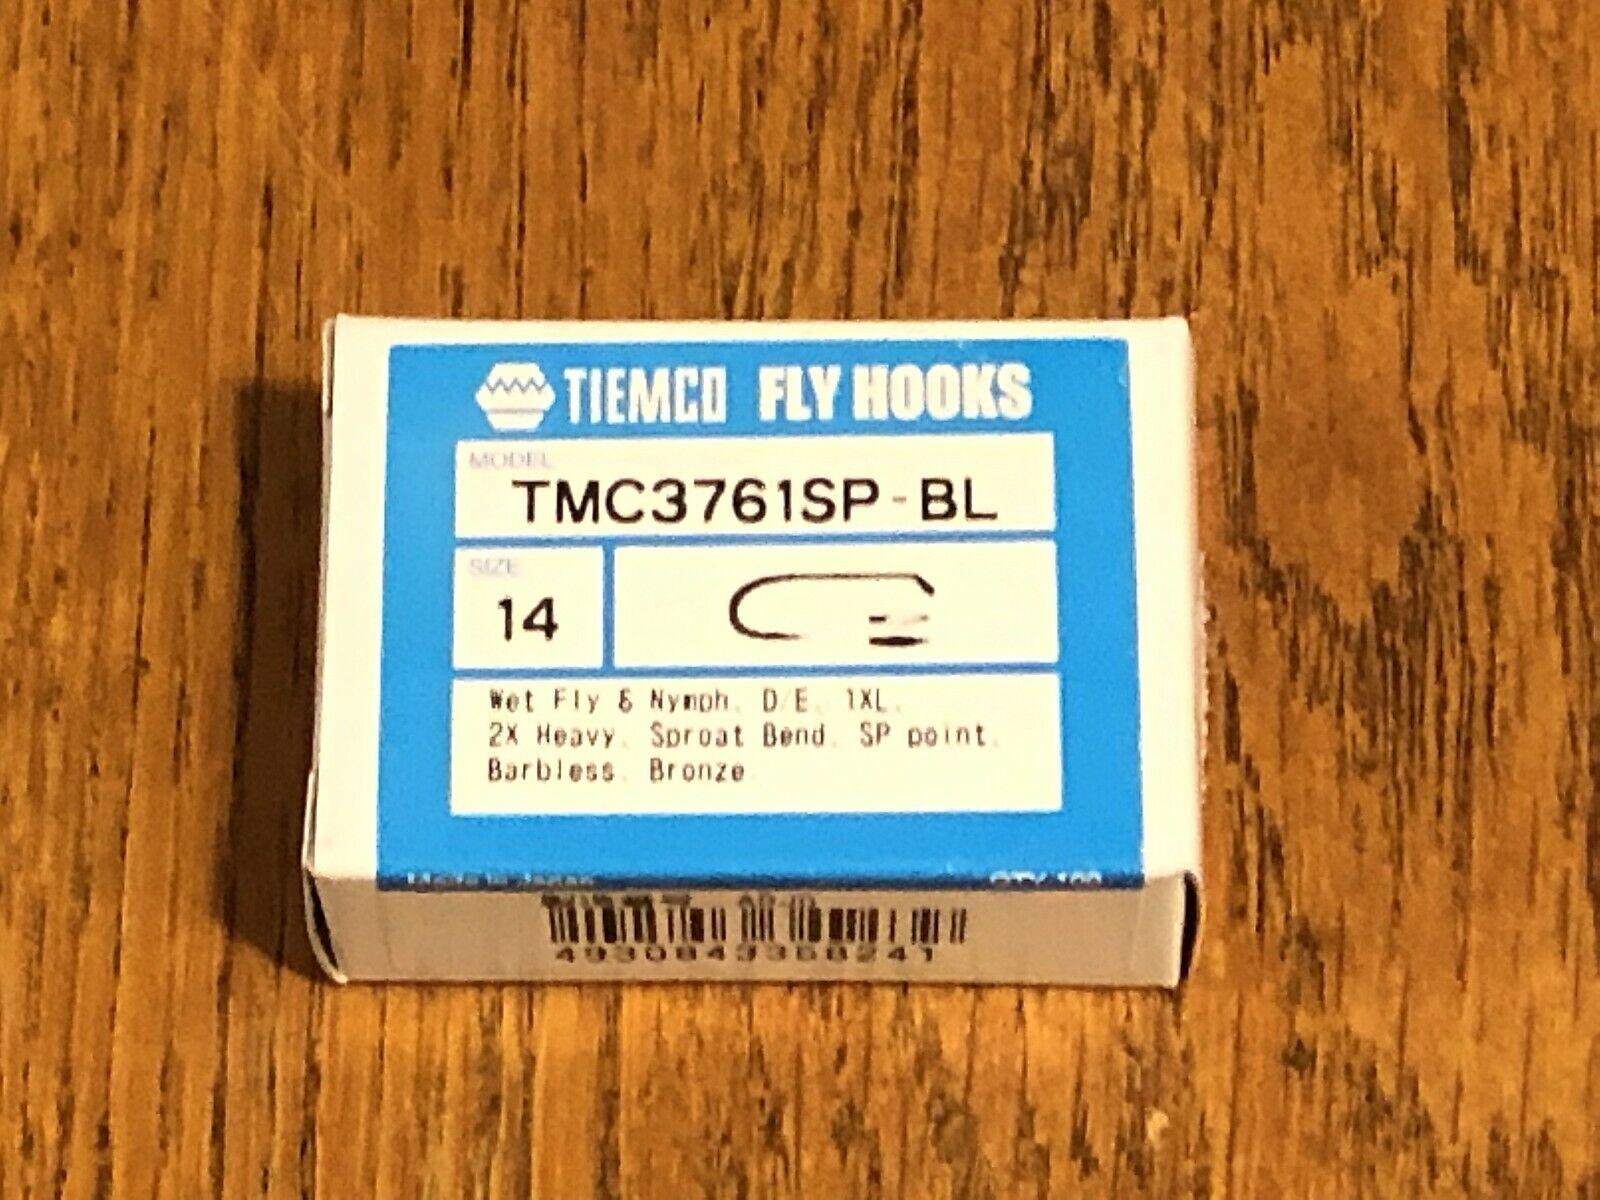 100 Tiemco Fly Tying Hooks, TMC 3761SP-BL, Size 14